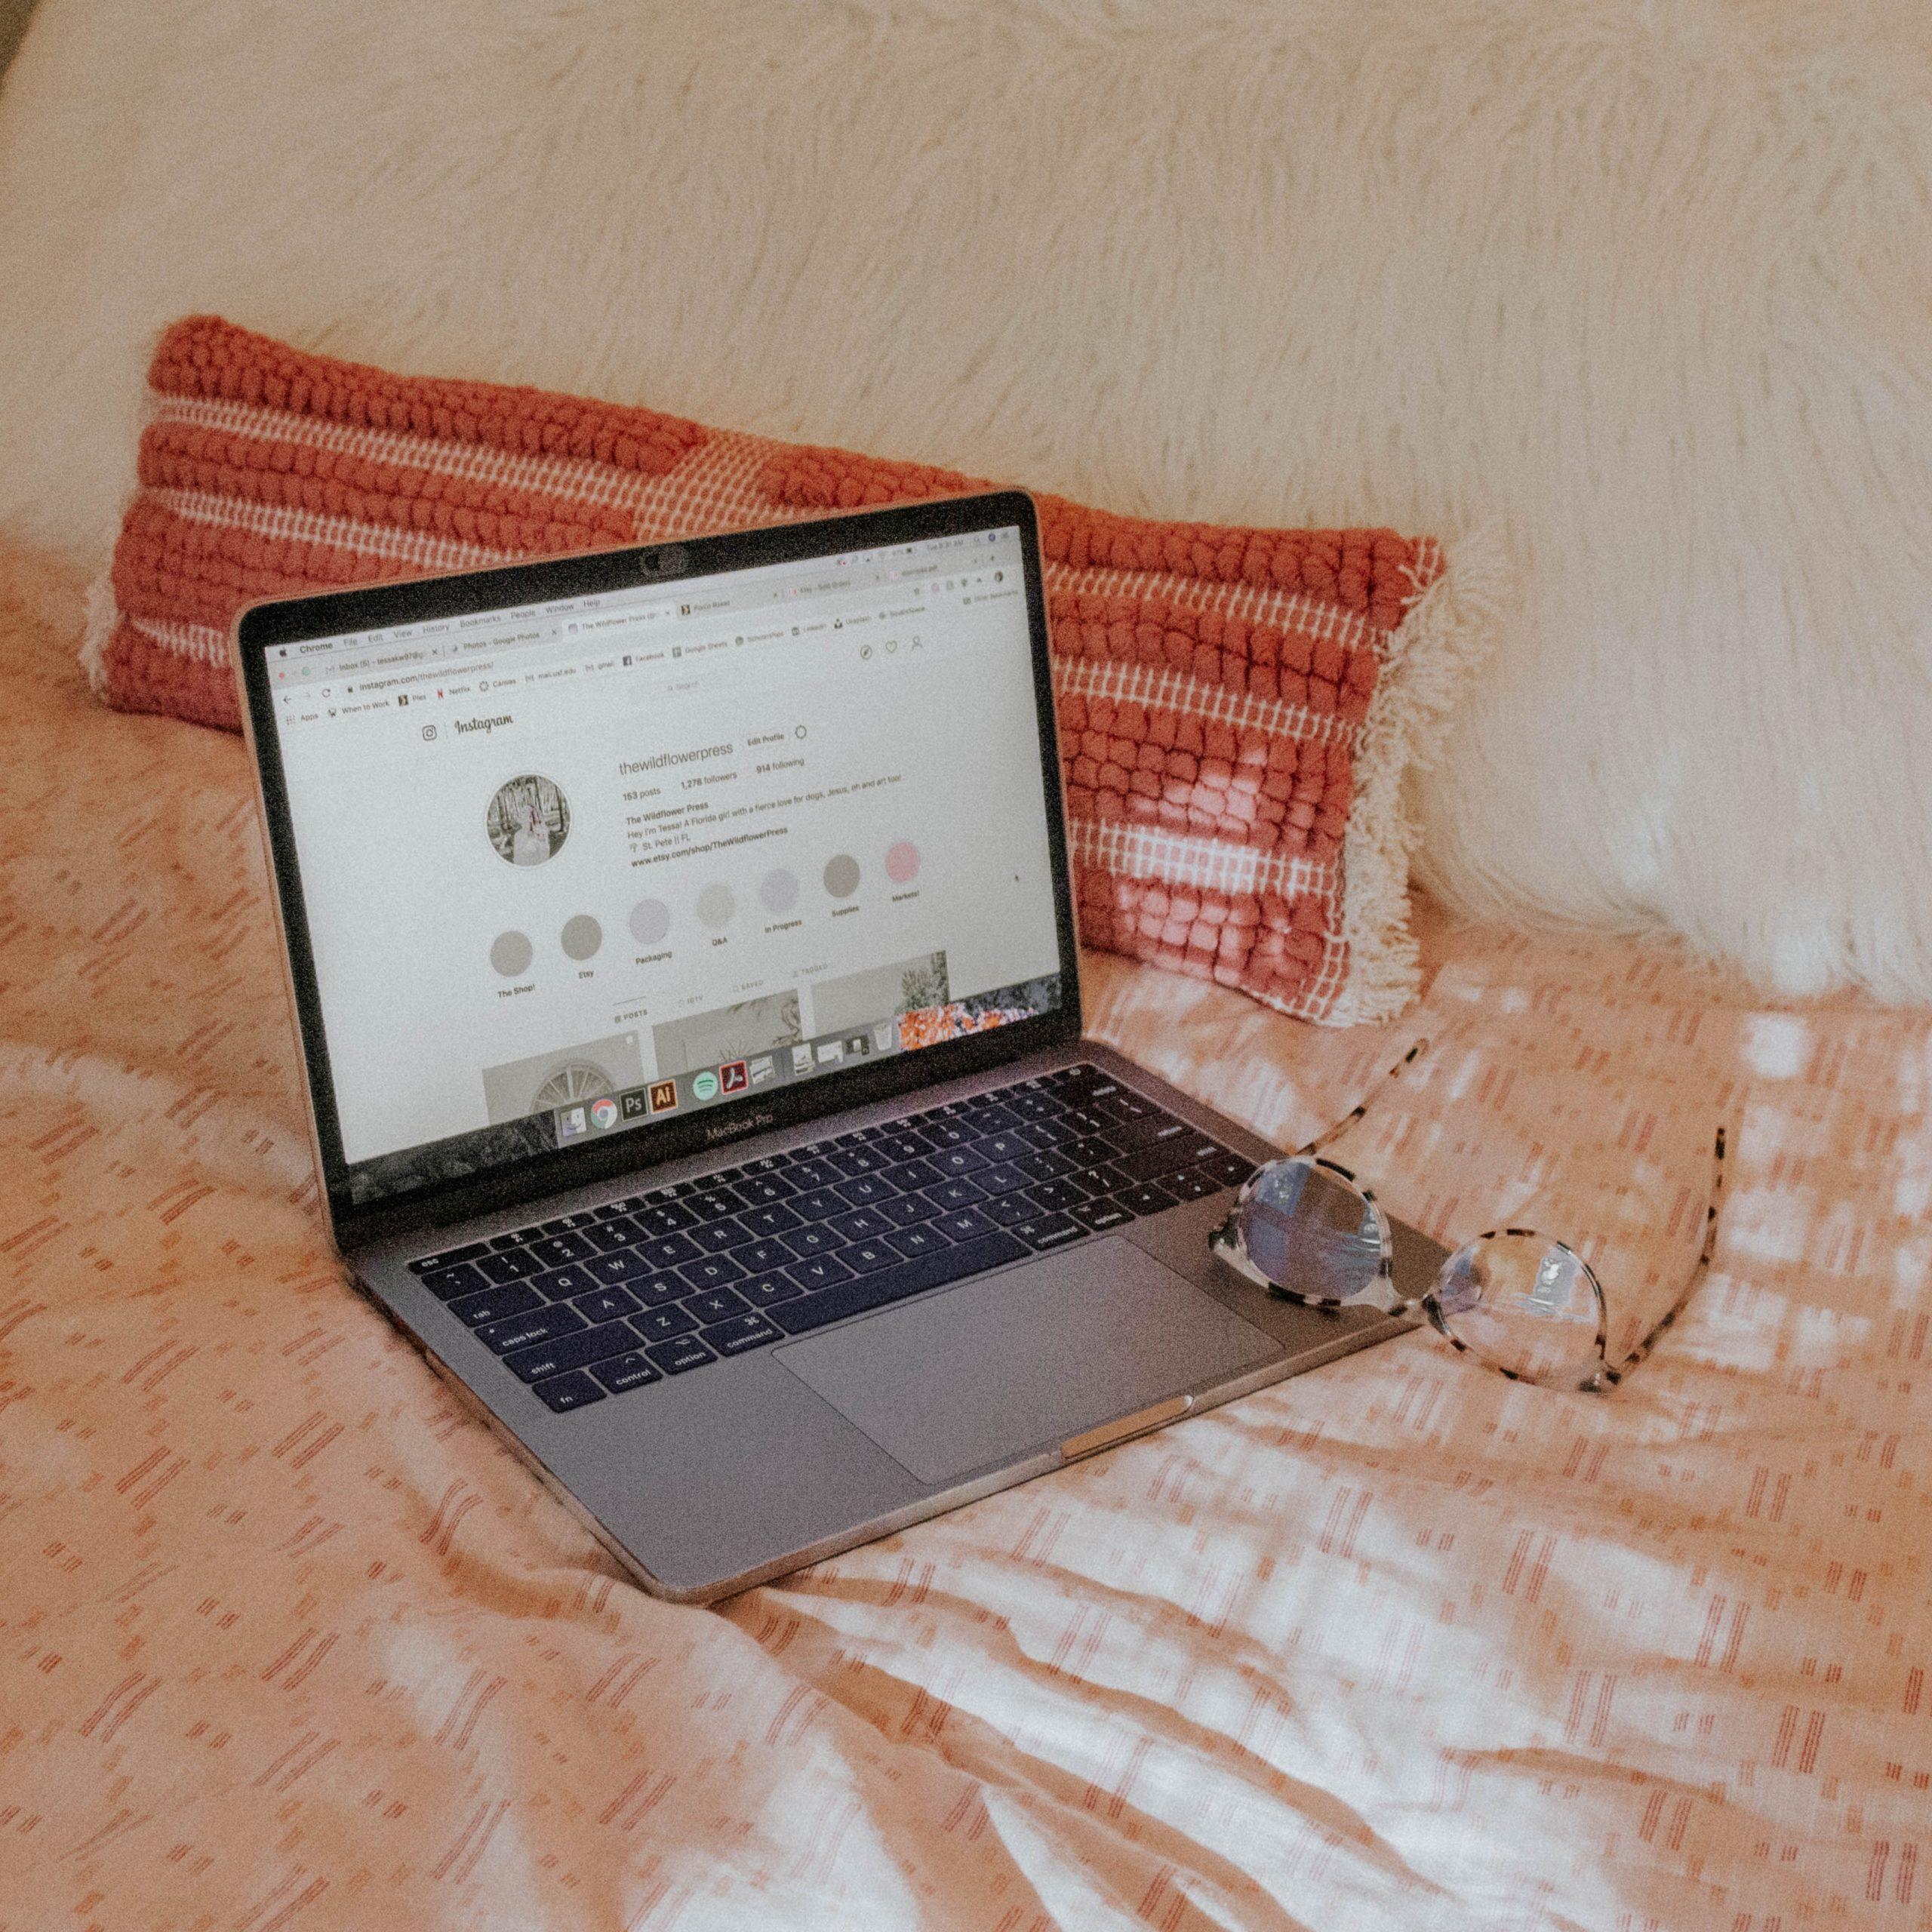 キャンプブログに興味を持ったキャンプ初心者の嫁